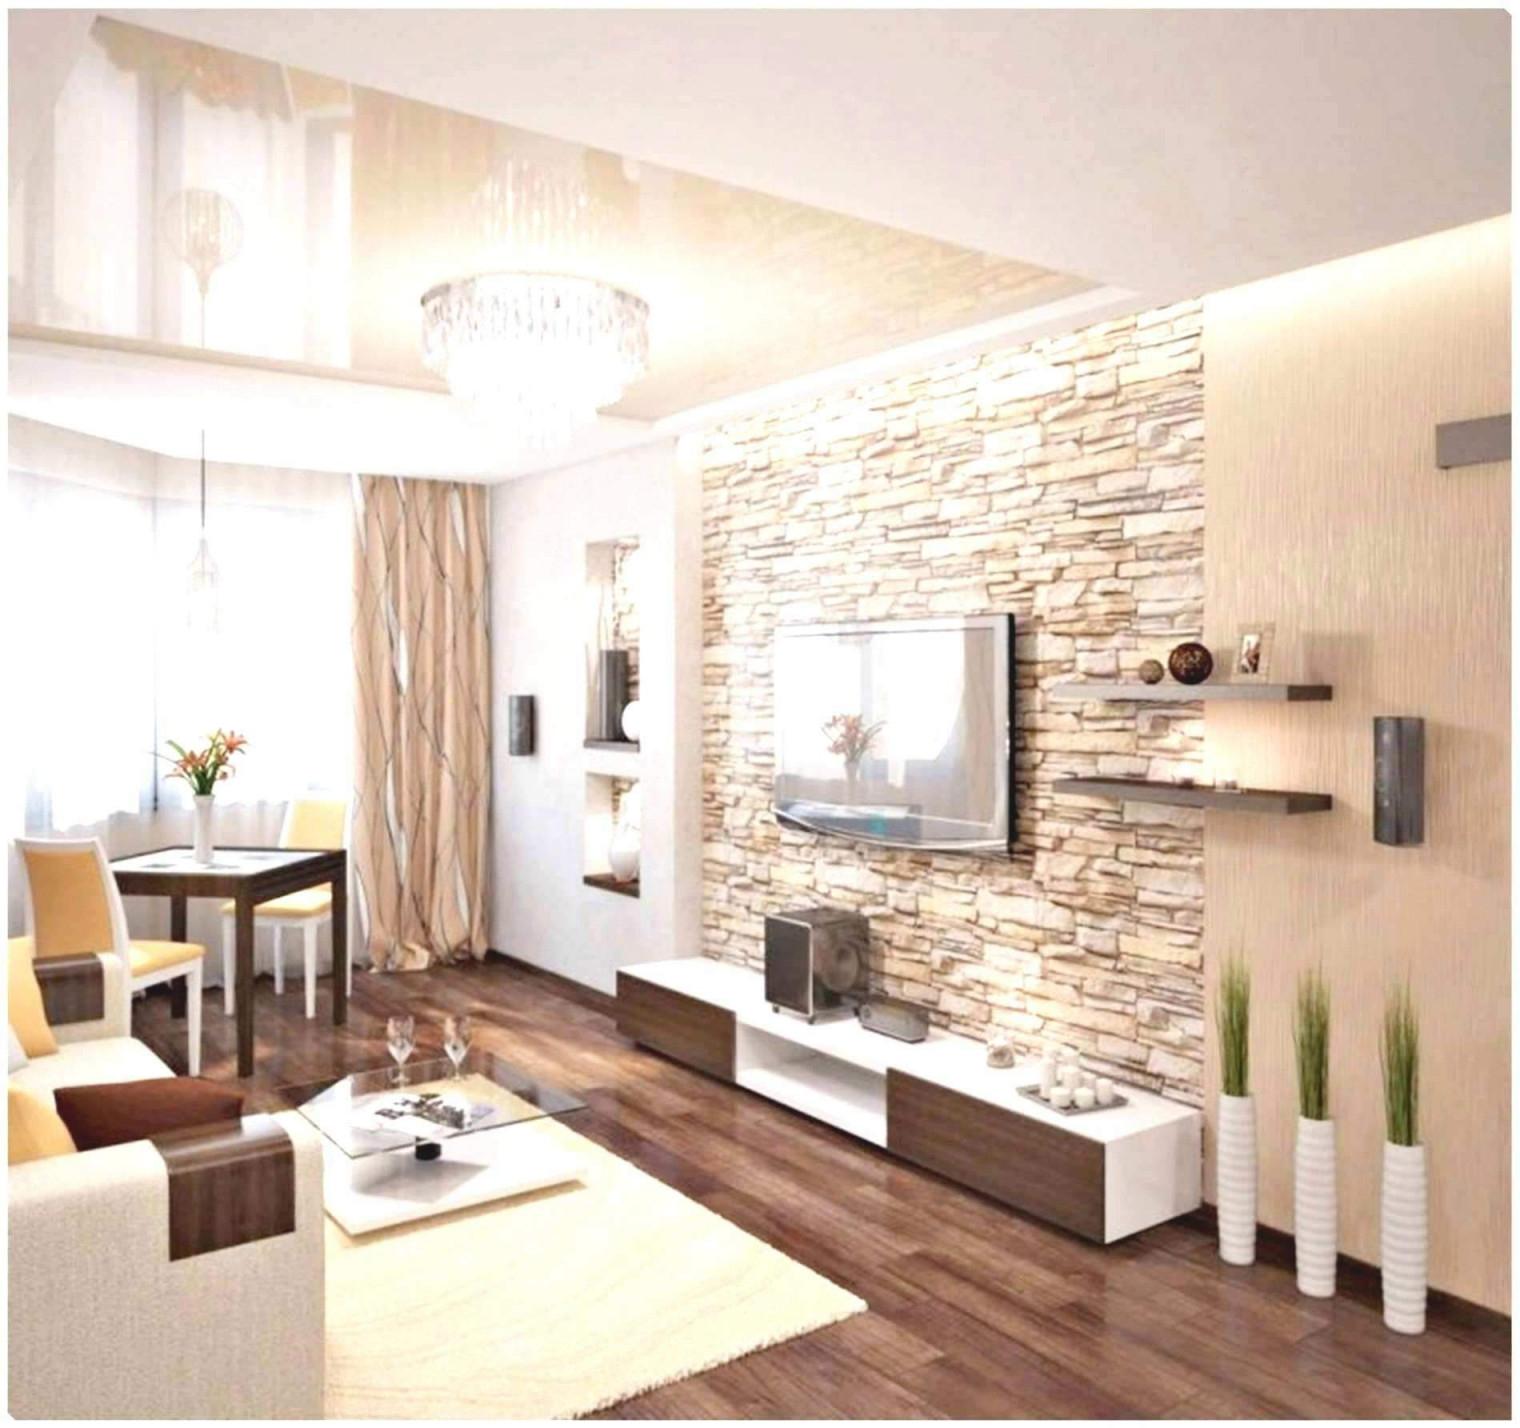 Tapeten Für Wohnzimmer Genial 27 Elegant Moderne Tapeten Für von Tapeten Fürs Wohnzimmer Bild